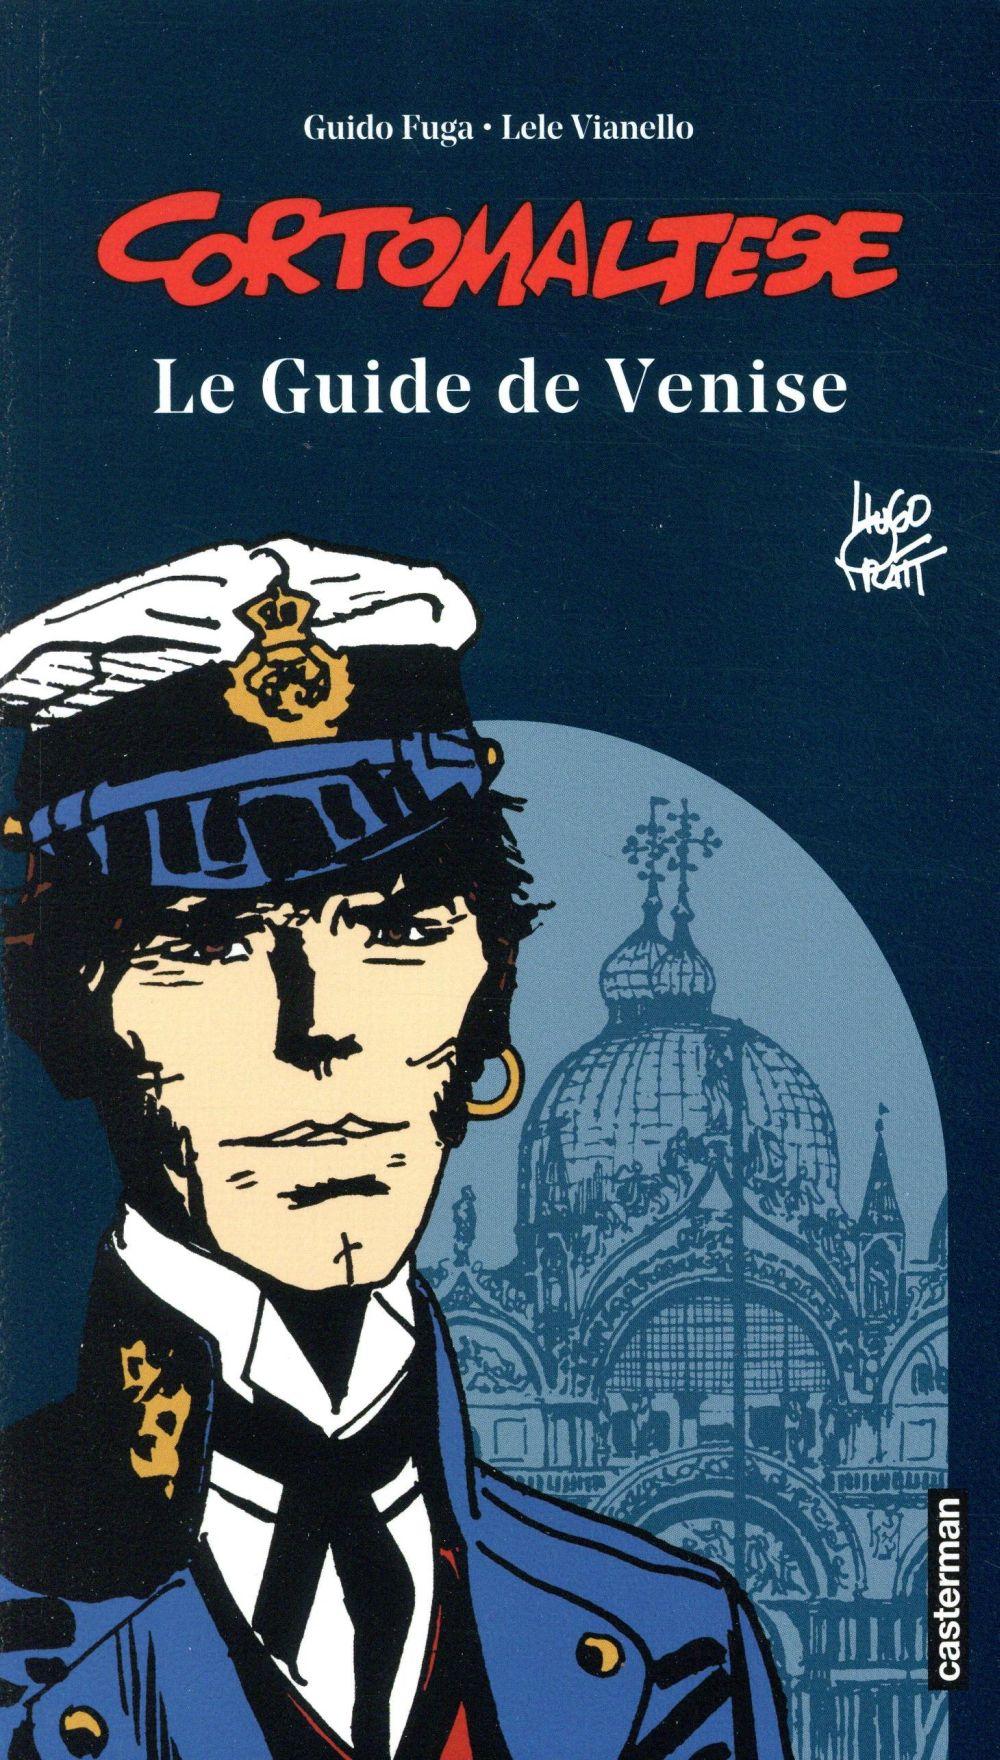 LE GUIDE DE VENISE - EDITION 2 PRATT/FUGA/VIANELLO CASTERMAN